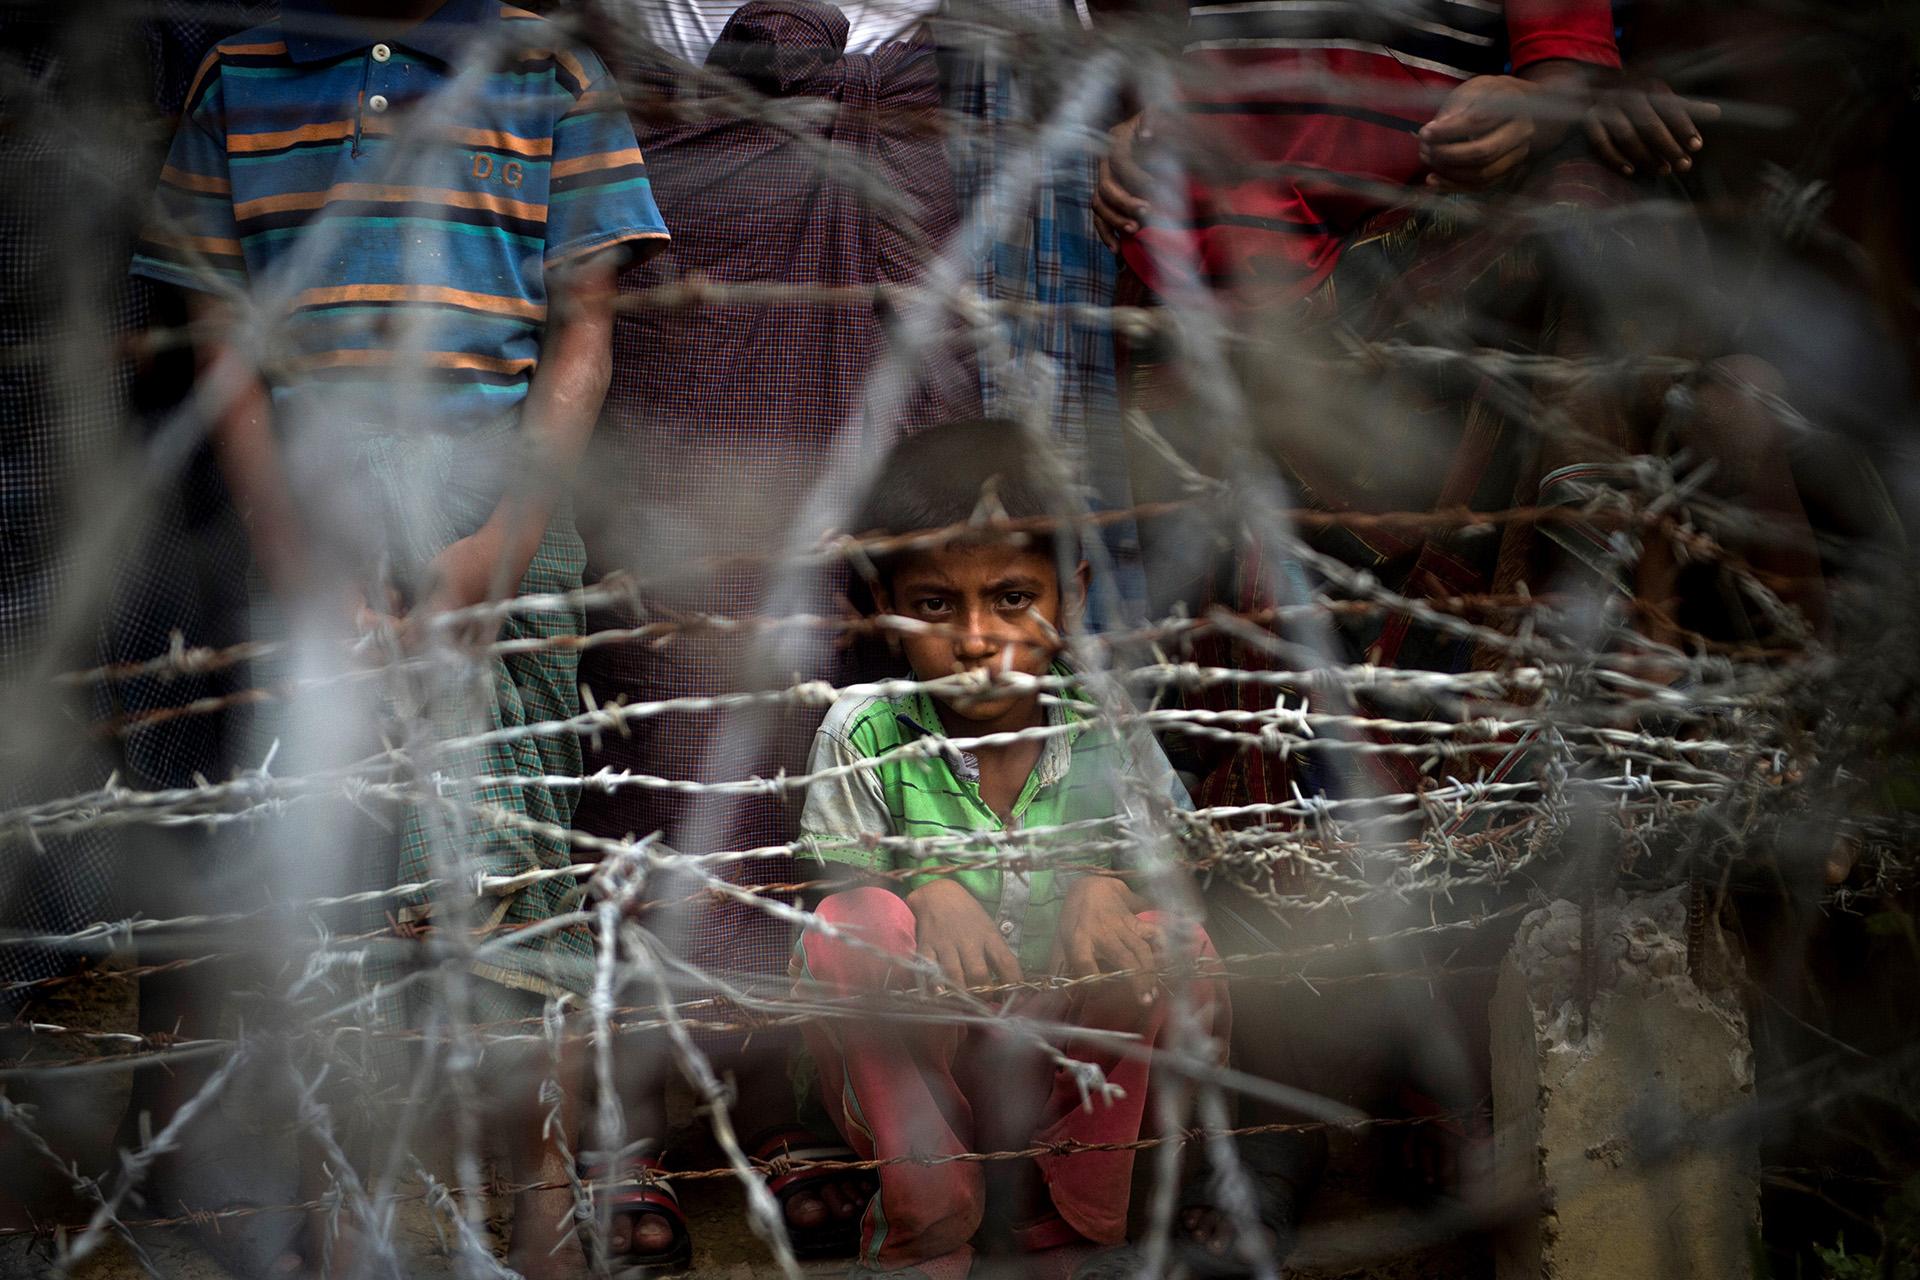 Niños en un campo de refugiados Rohingyas en la frontera de Birmania conBangladesh el 25 de abril (Ye Aung THU / AFP)